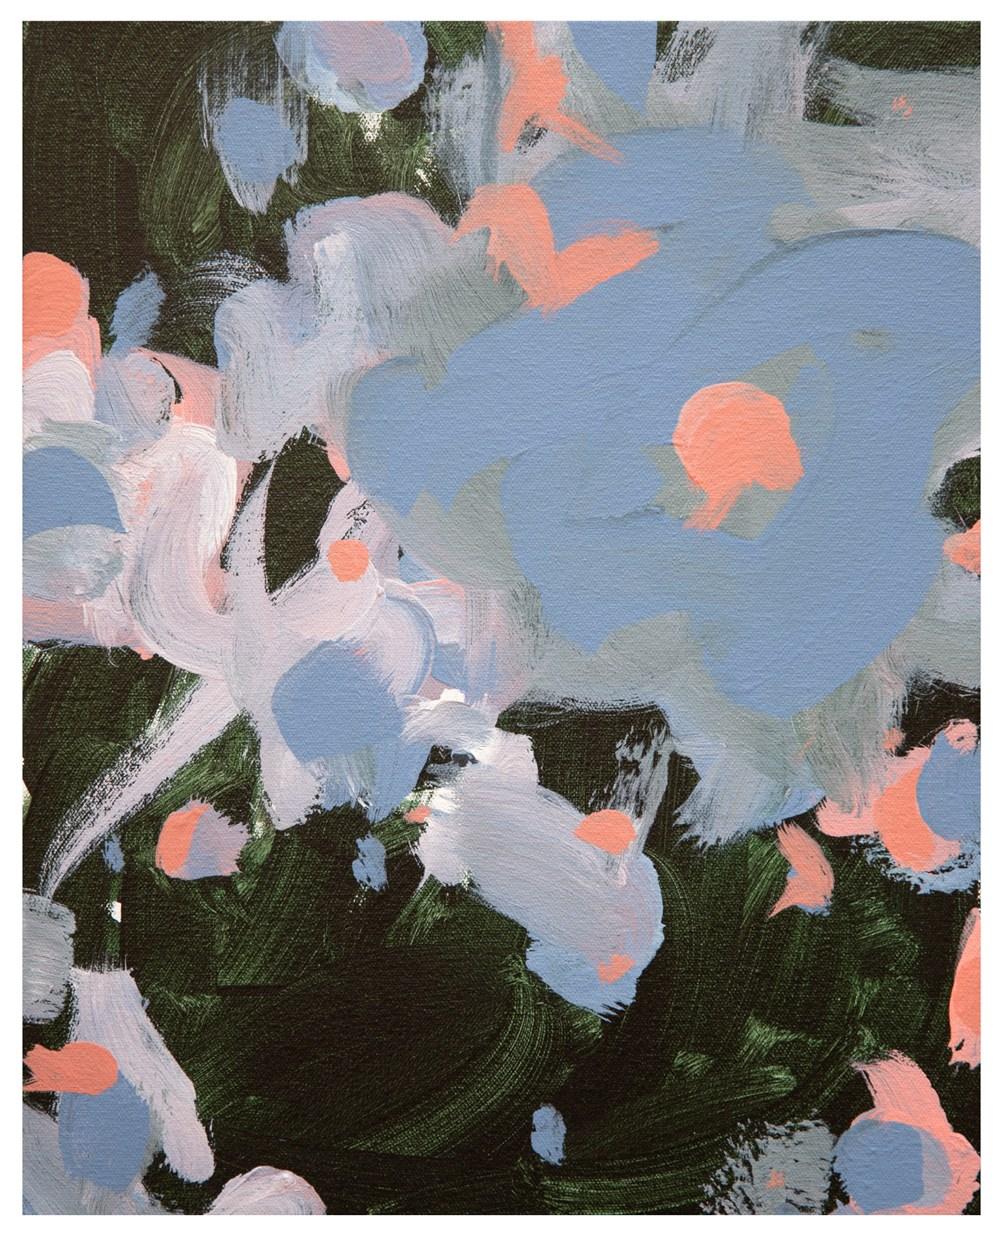 50 x £50 - Lot 21, Juliane Kellersmann, No remedy for memory